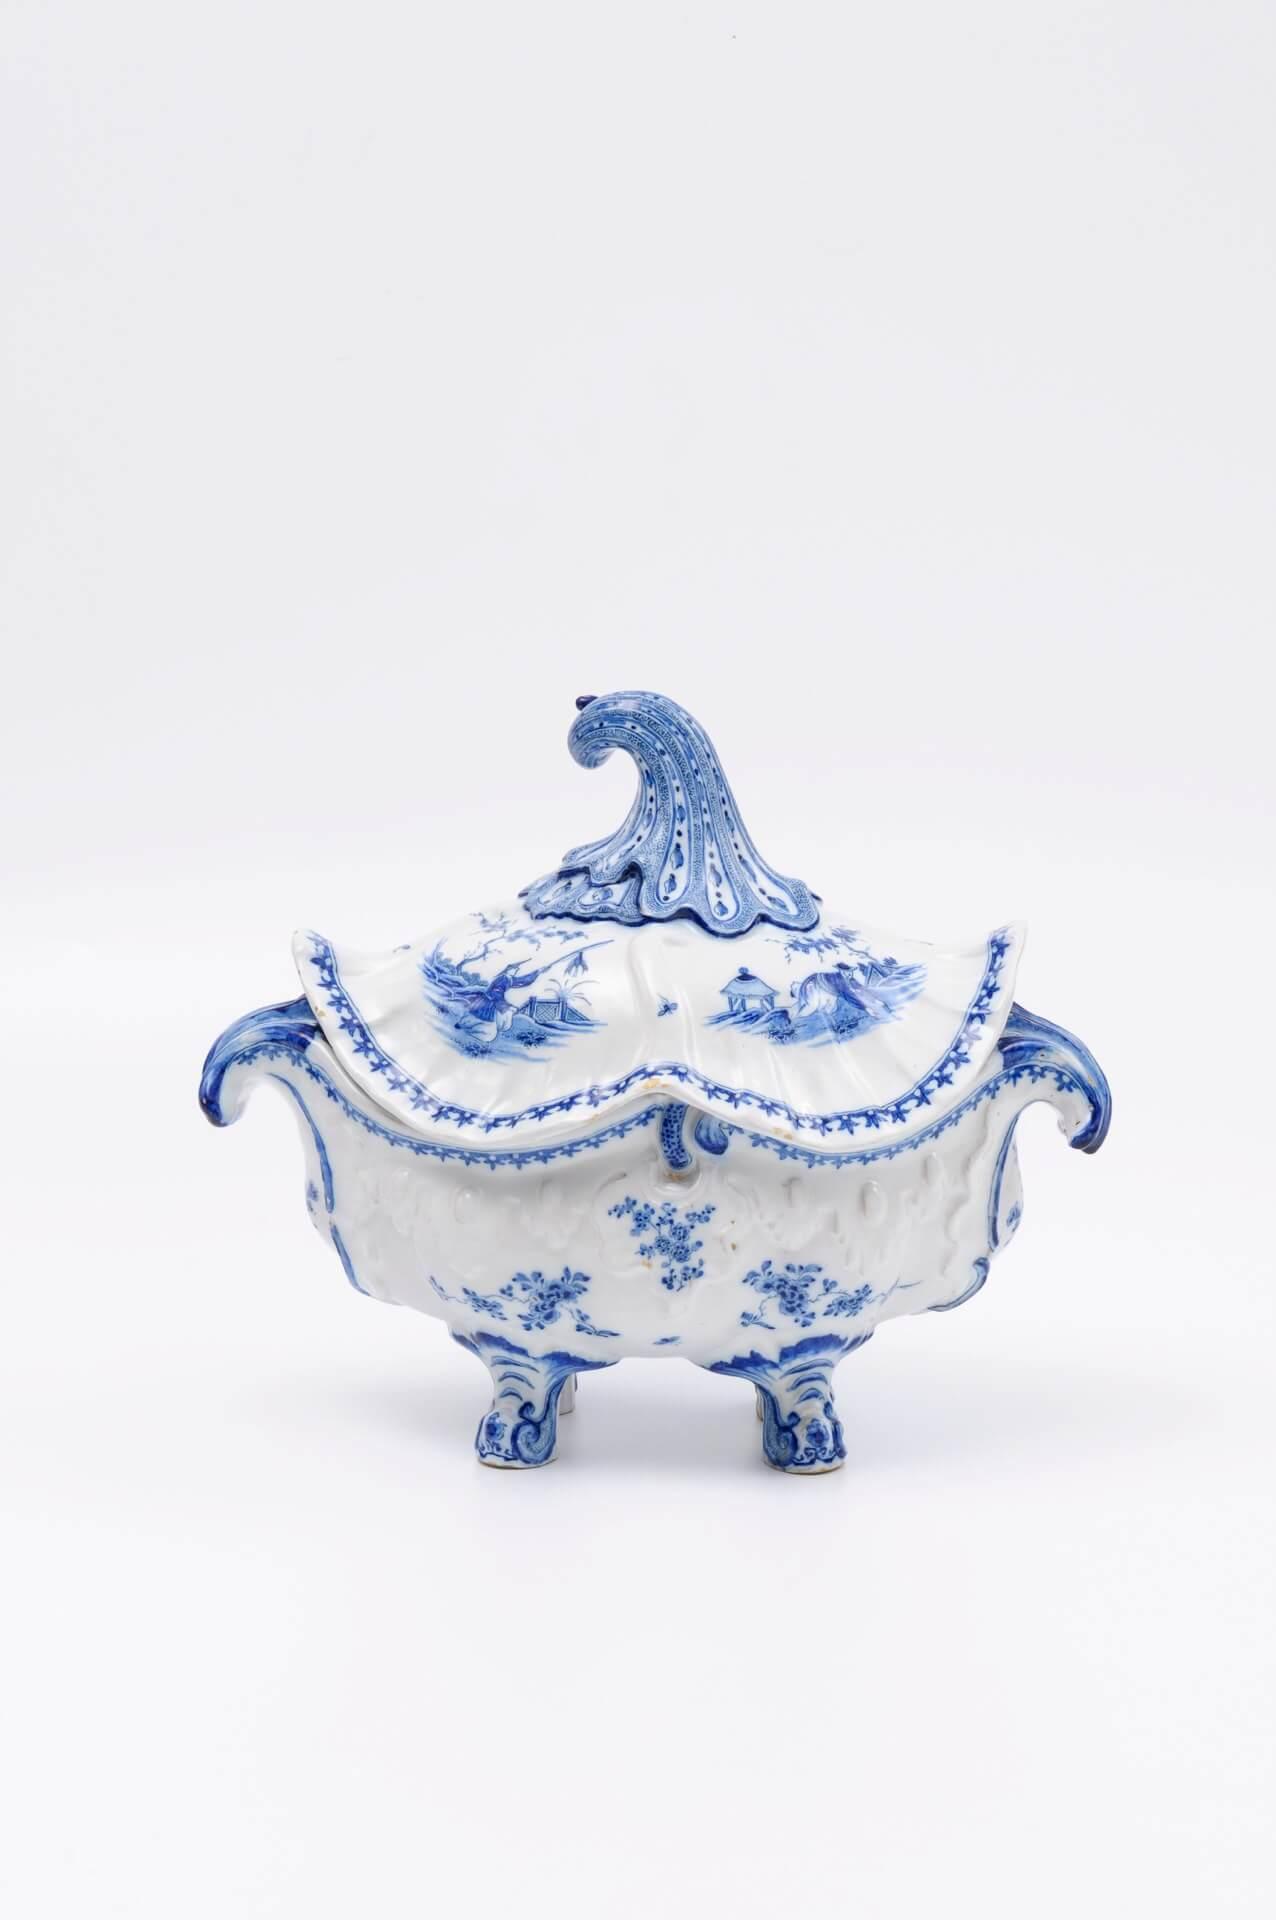 Antique blue and white Delft pottery rococo tureen